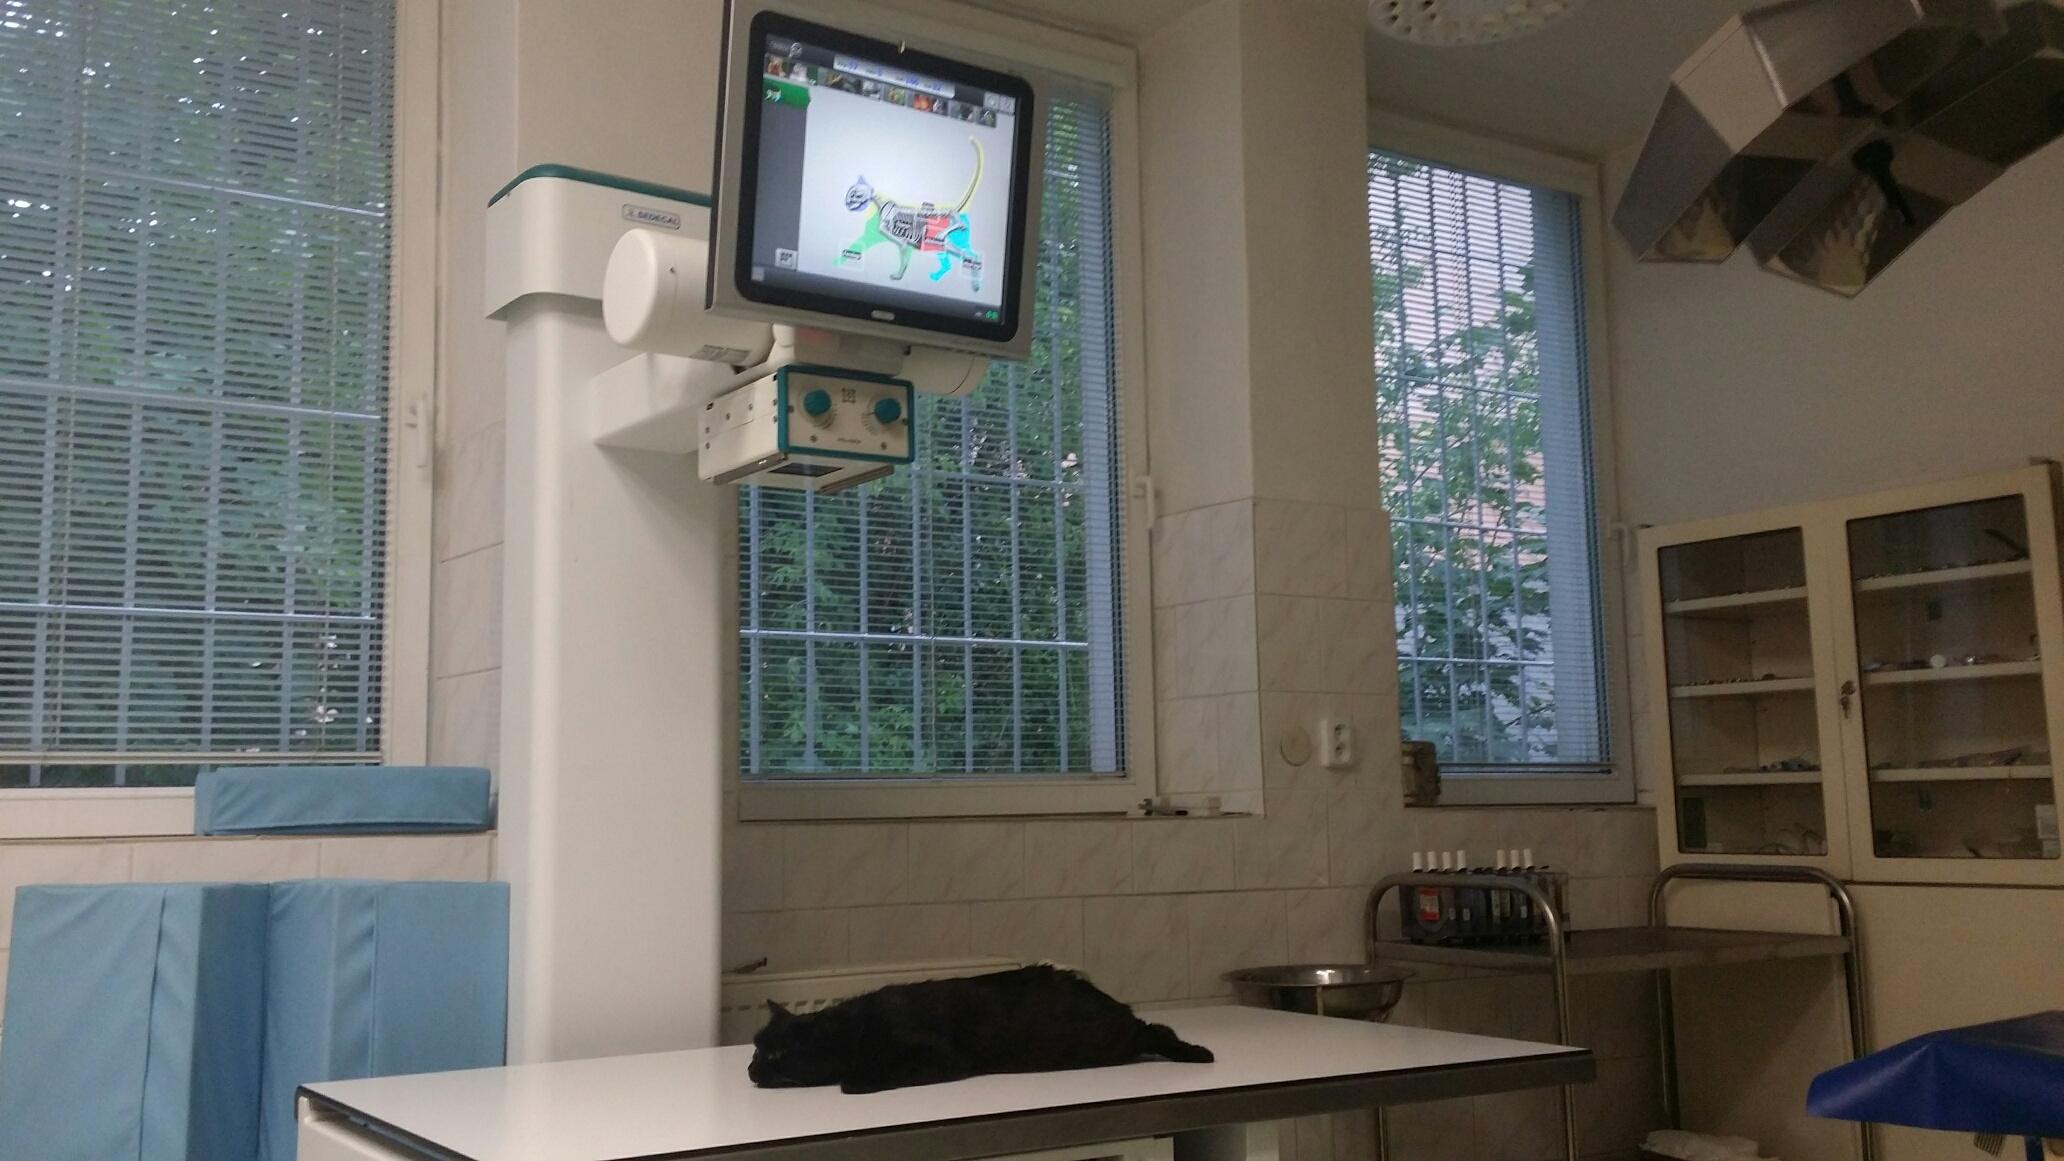 Veterina, veterinární ambulance, ordinace - kompletní péče pro malá zvířata